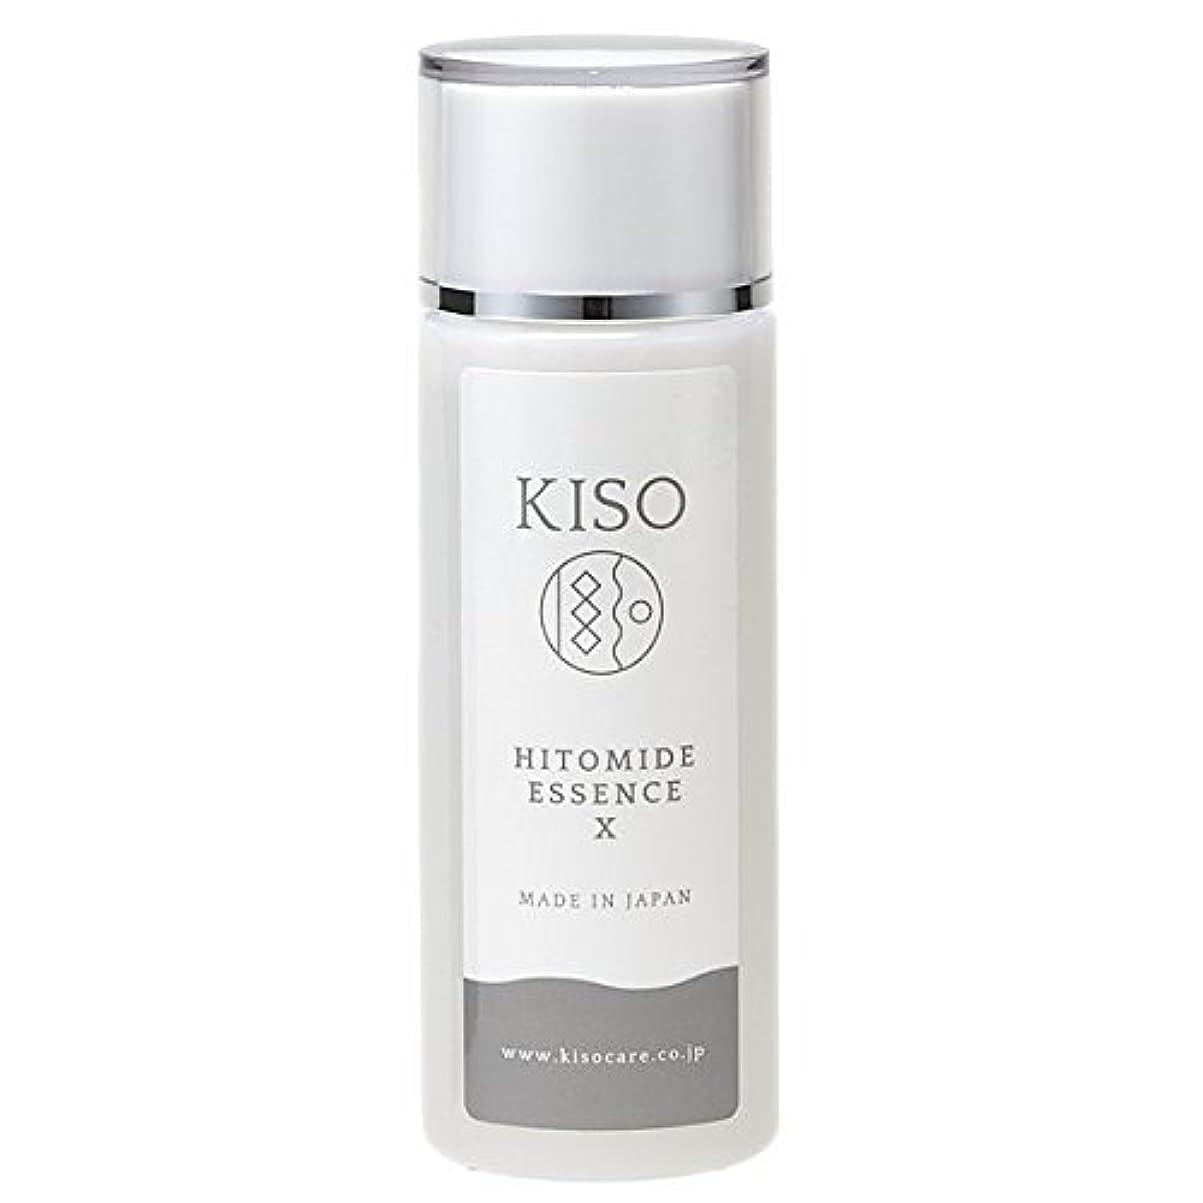 KISO ヒト型セラミド原液 10%配合 【ヒトミドエッセンスX 120ml】 保湿力アップ 肌荒れを防ぎキメを整えたい時に